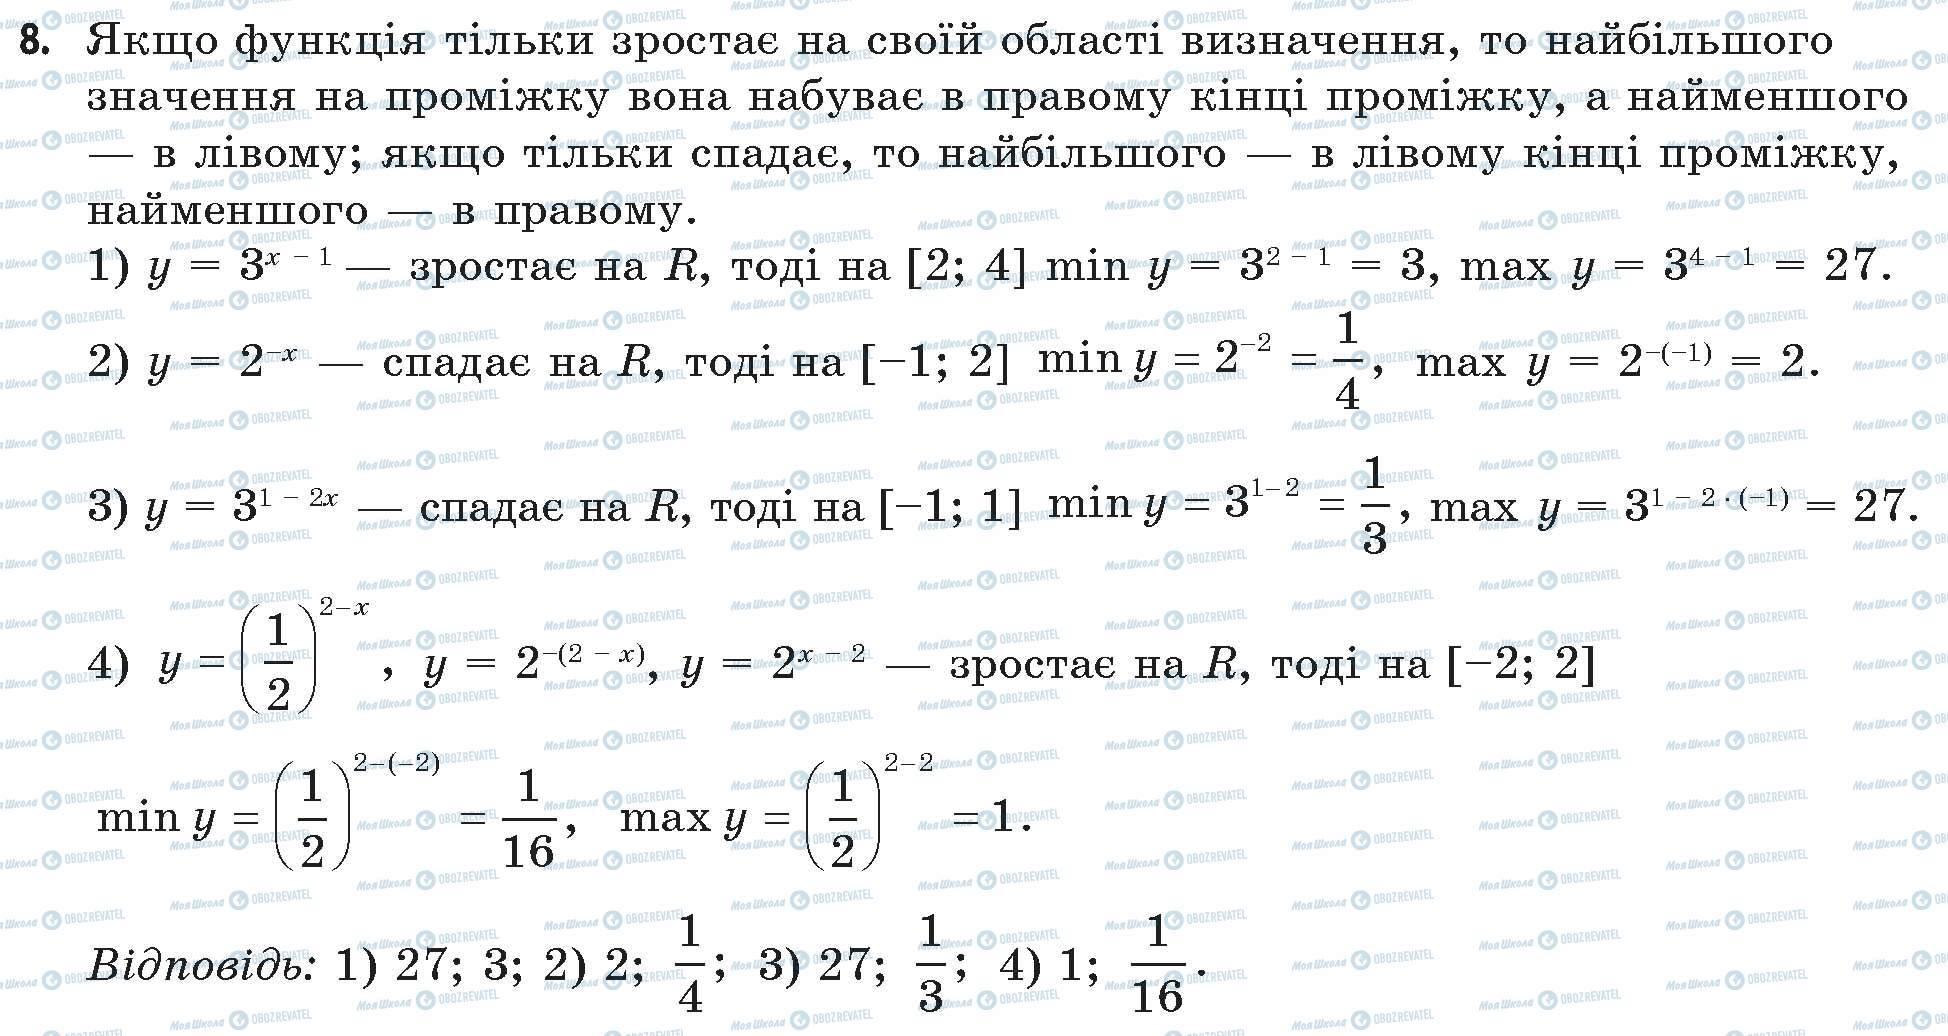 ГДЗ Математика 11 класс страница 8